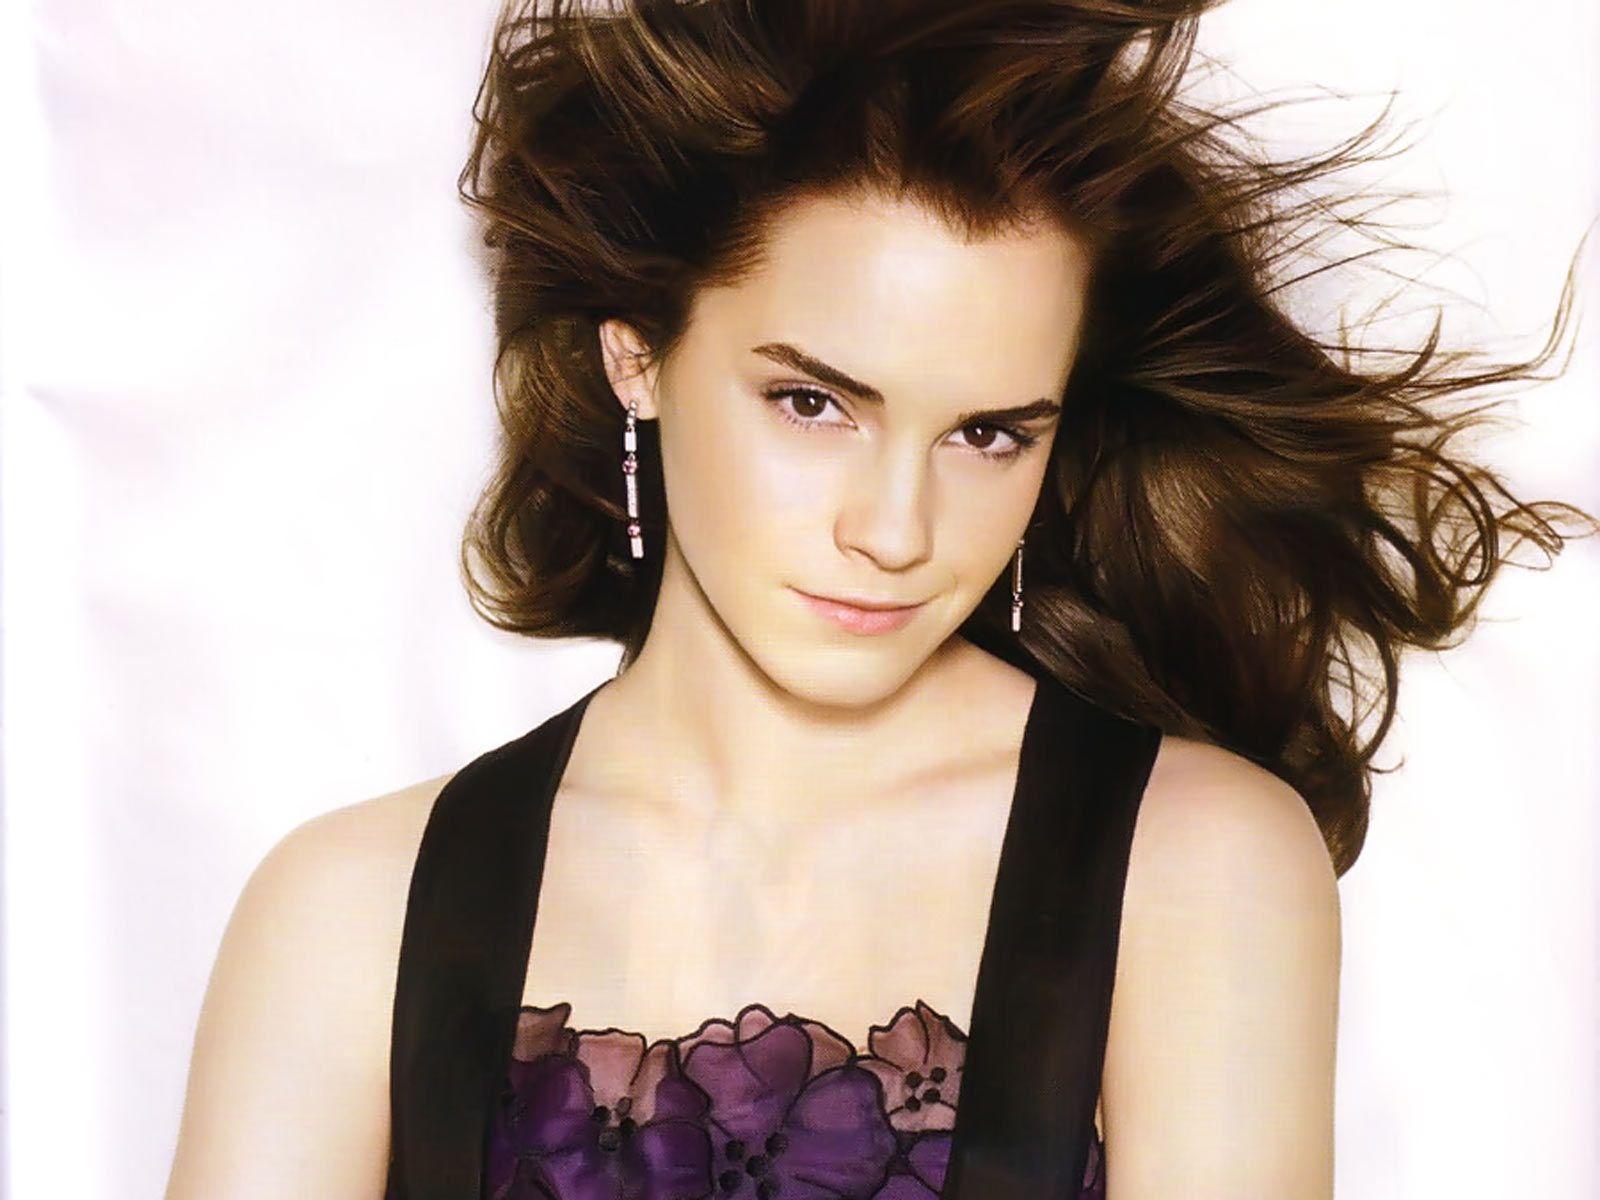 http://3.bp.blogspot.com/-oFoQoCWbbtw/Tc6OJ2LJTsI/AAAAAAAAAGM/GNvcVOw3F00/s1600/Emma-Watson.jpg